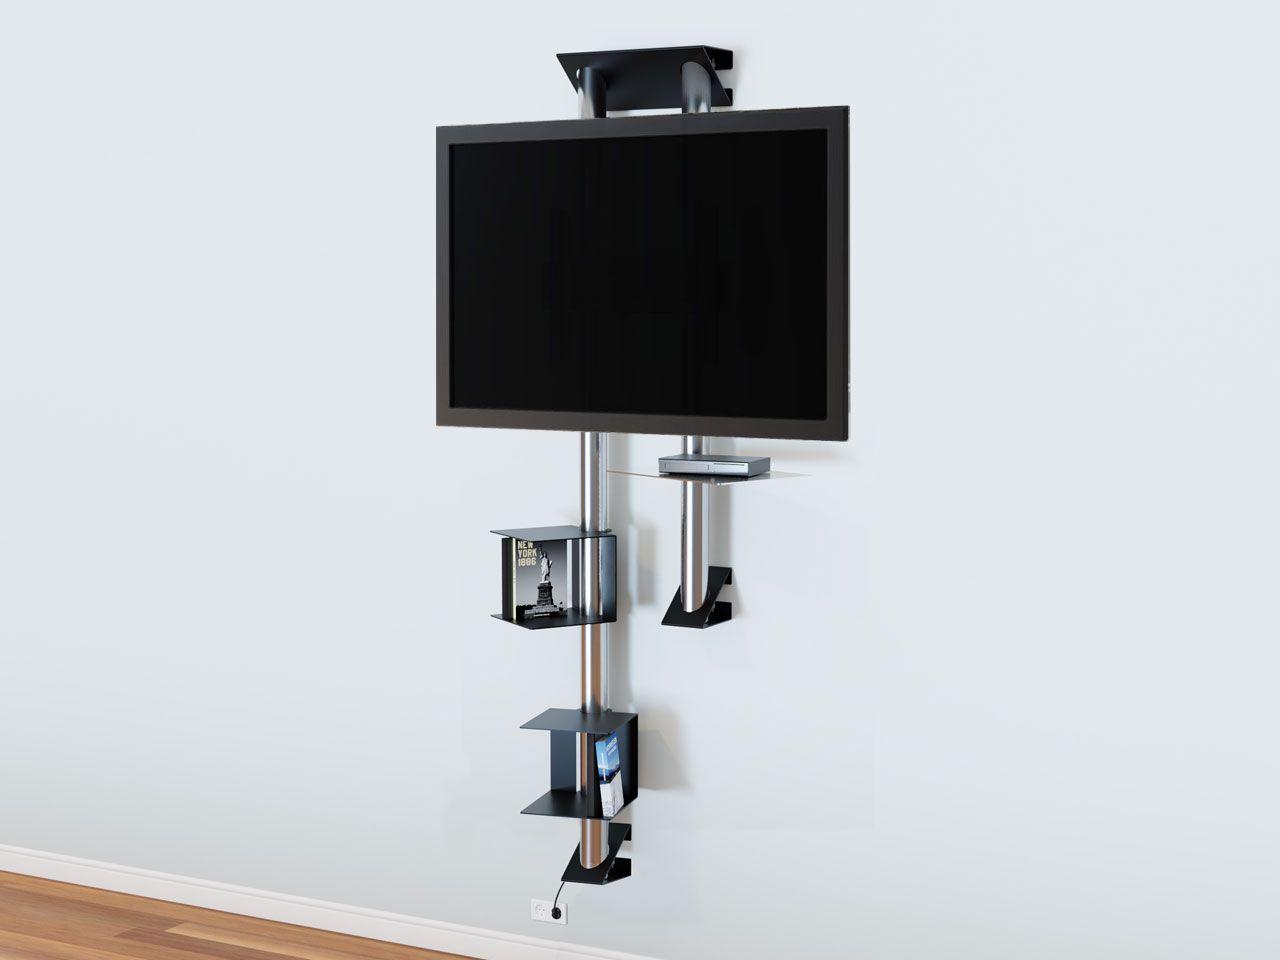 Design Tv Wandhalter Mit Ablage Cmb 277 Wandhalter Ablage Design